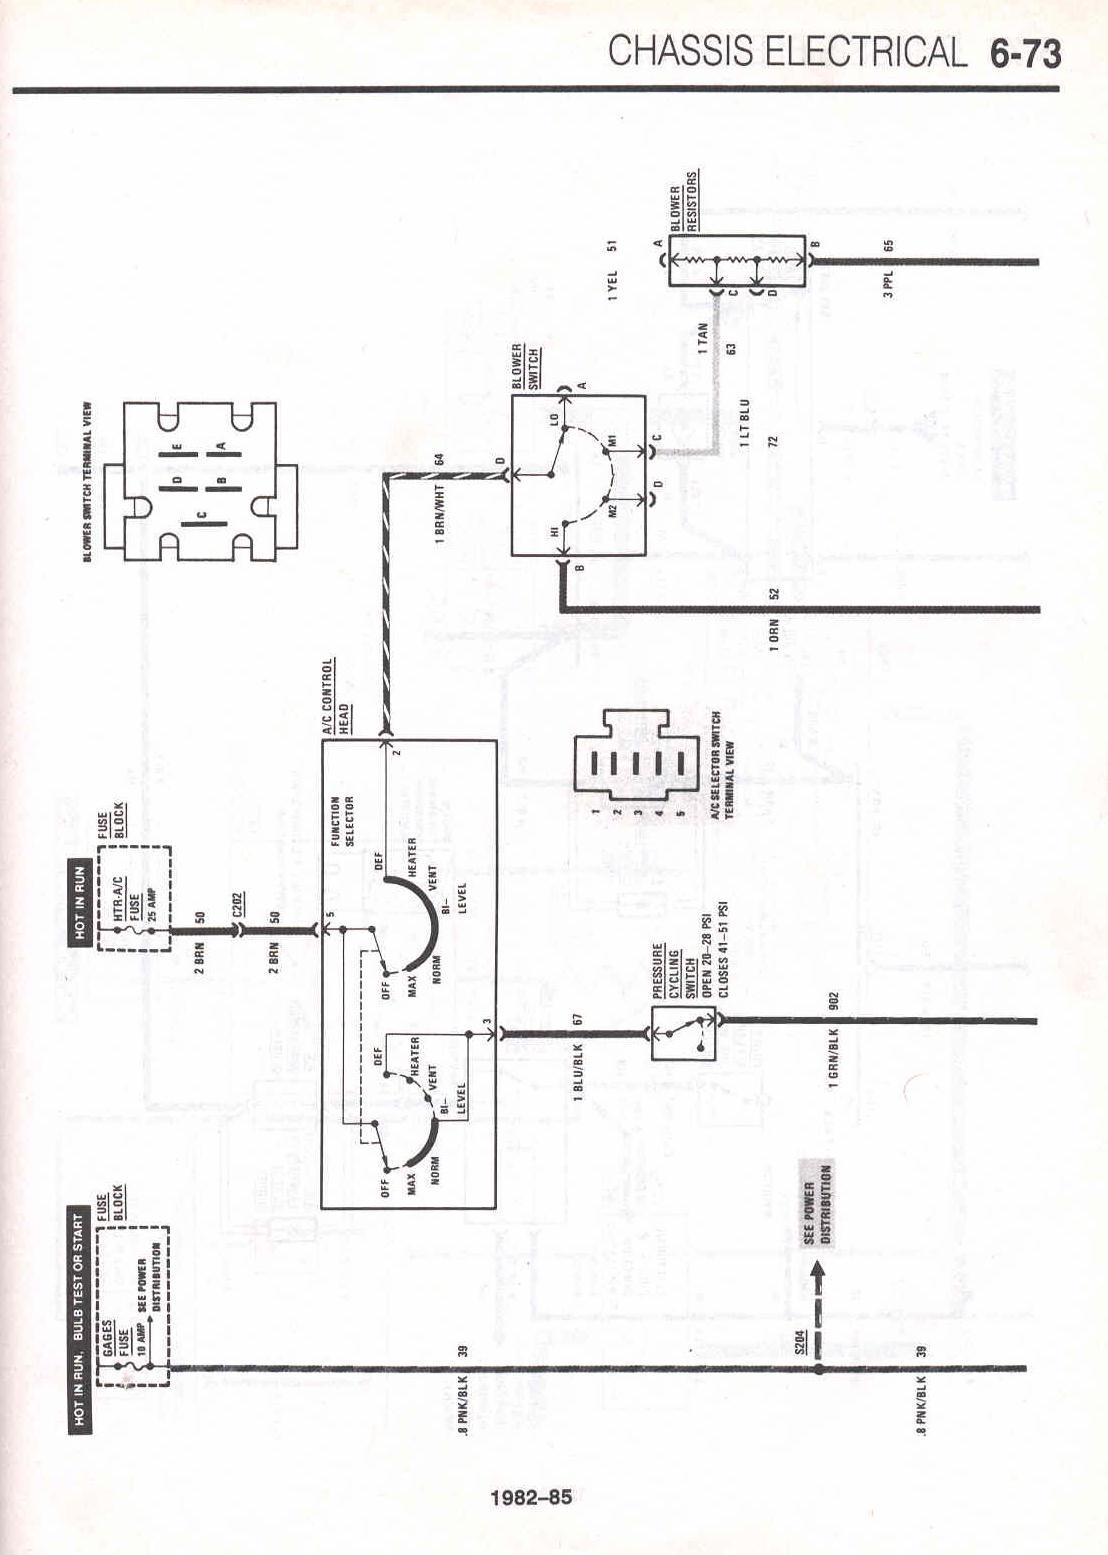 68 Camaro Wiring Diagram Schematic